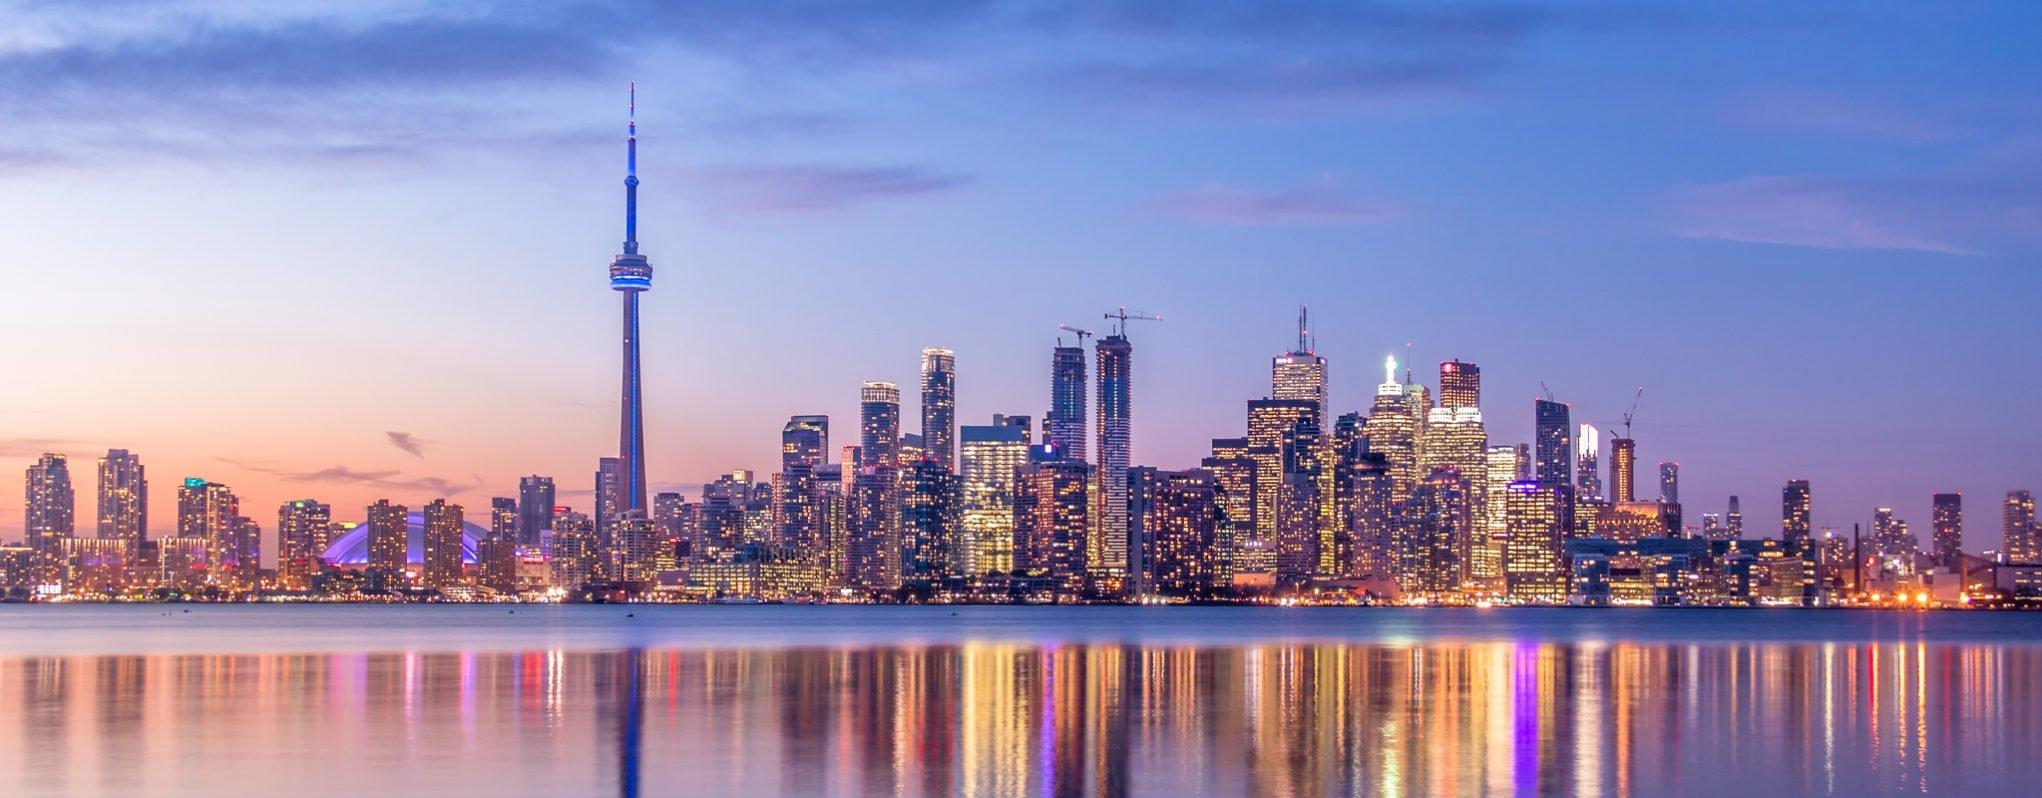 BBT Toronto, ON